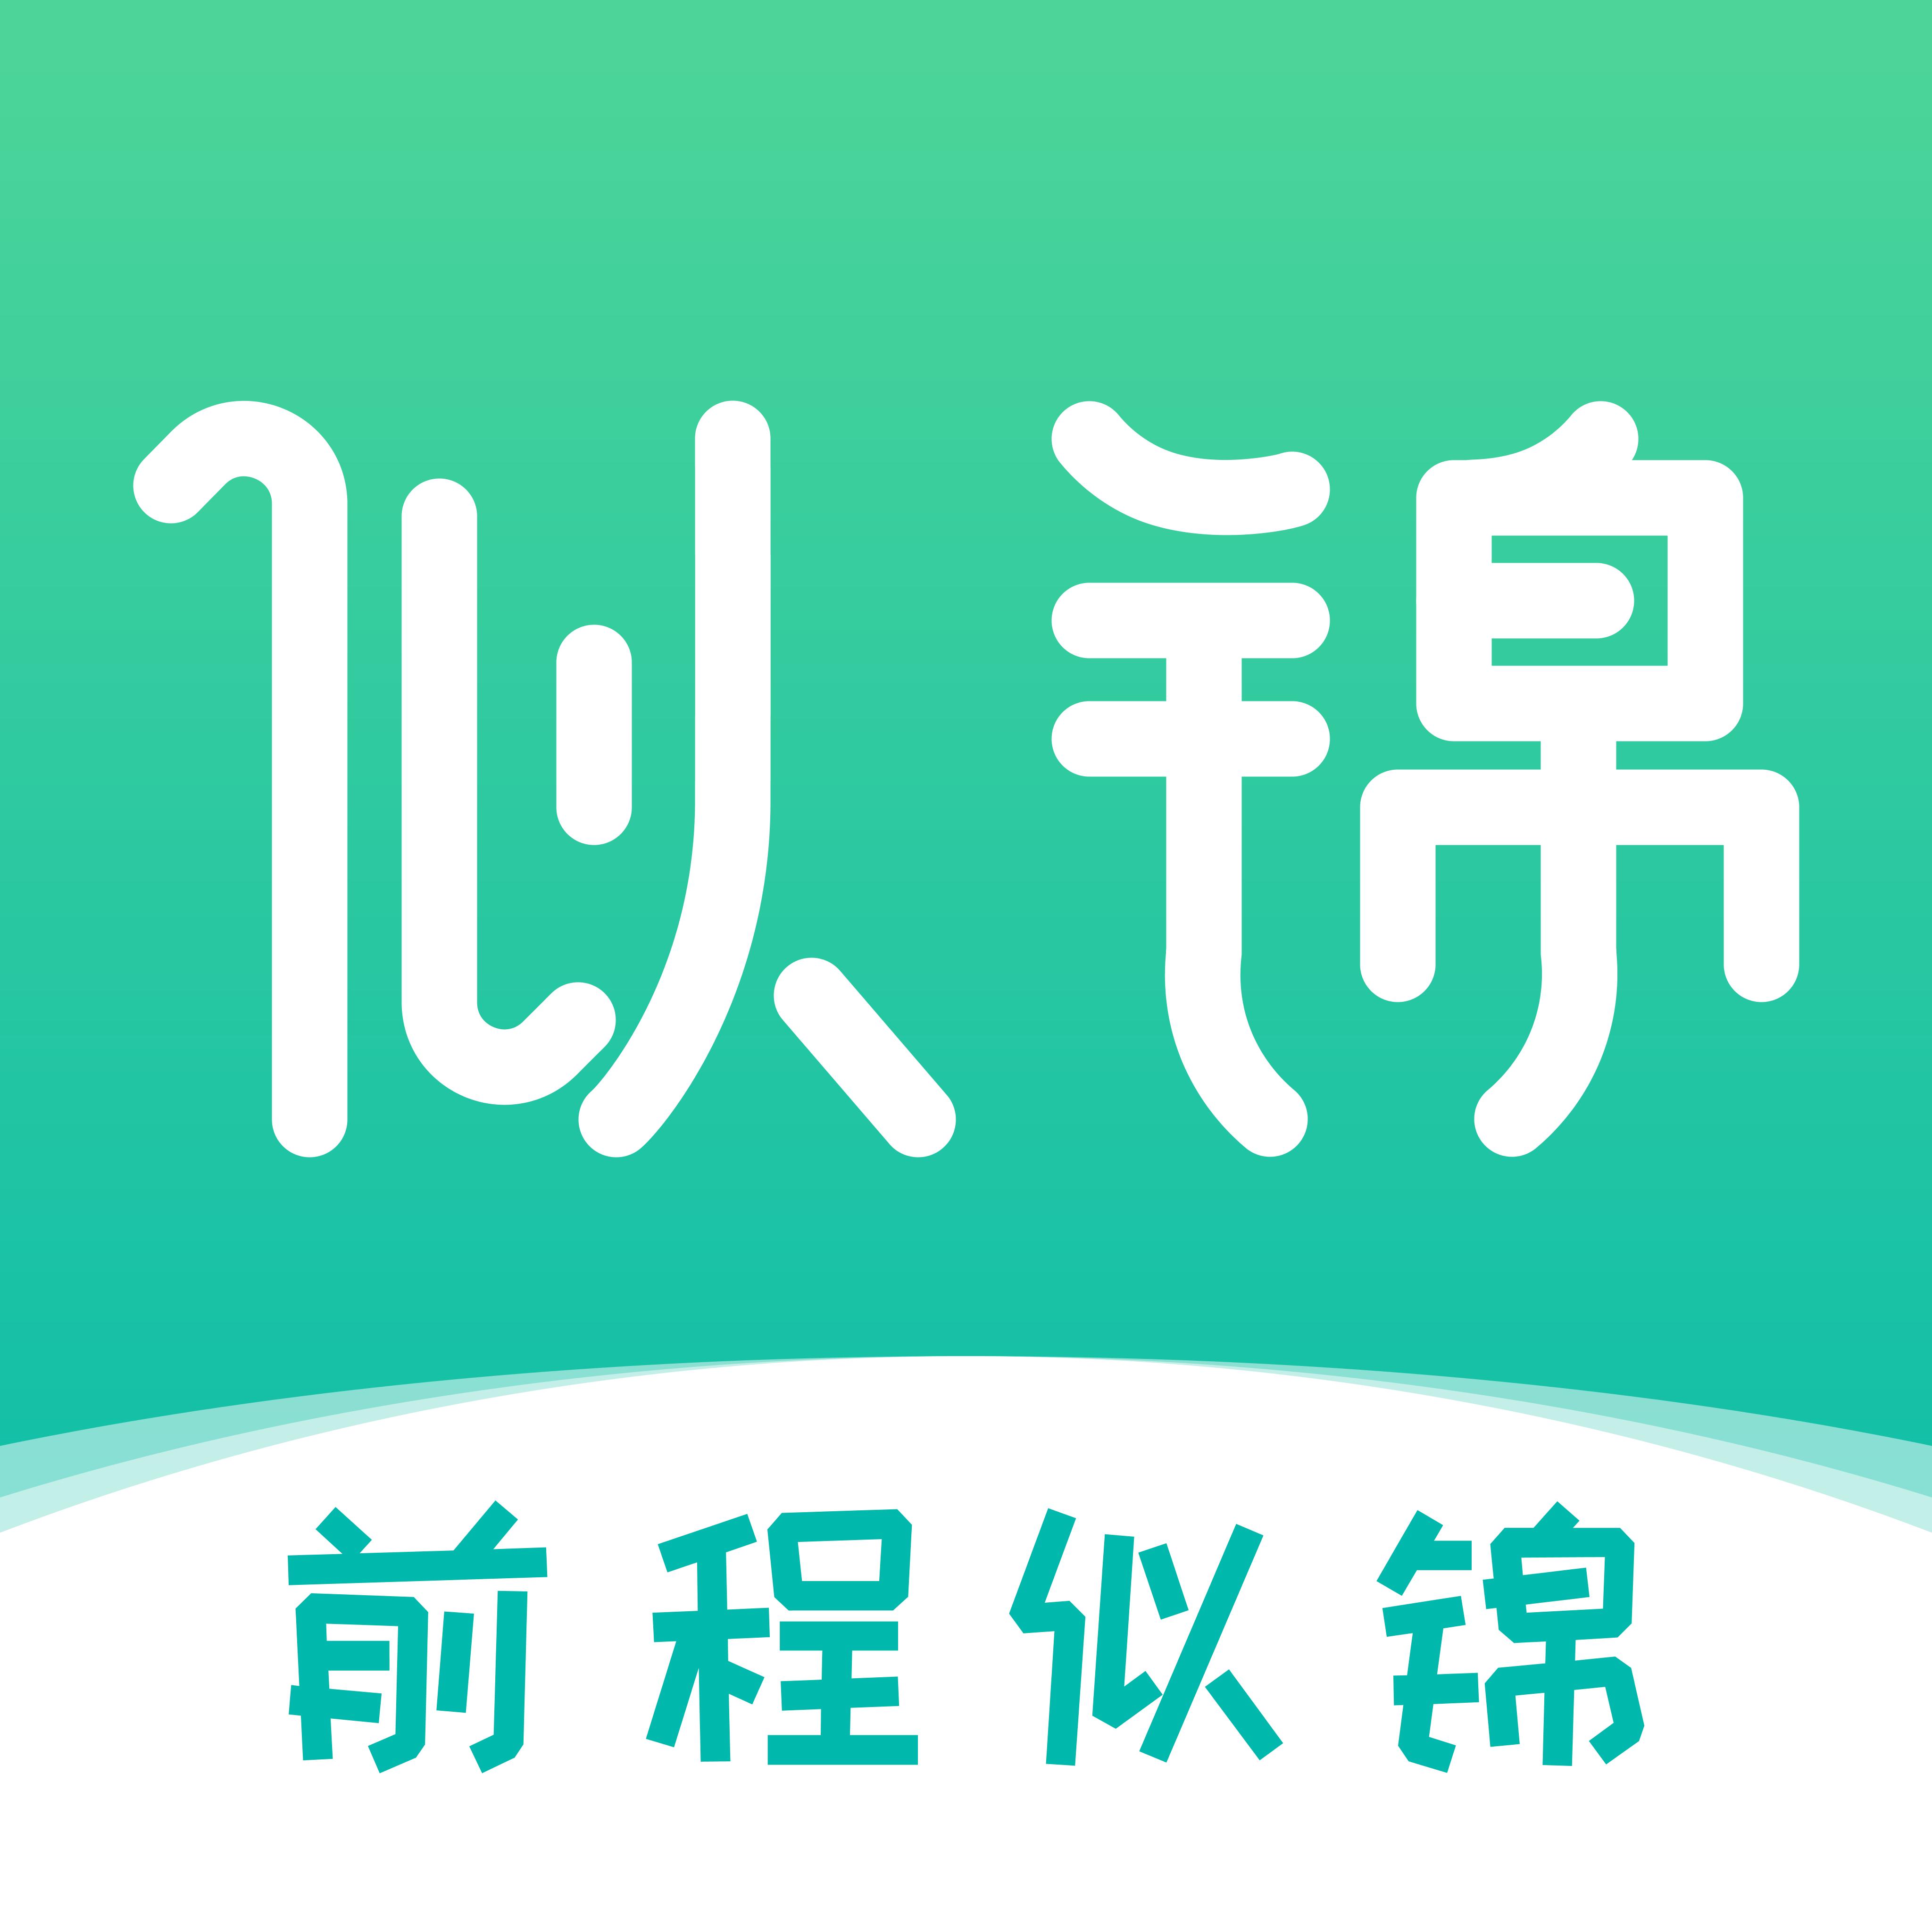 似锦v1.1.0 最新版